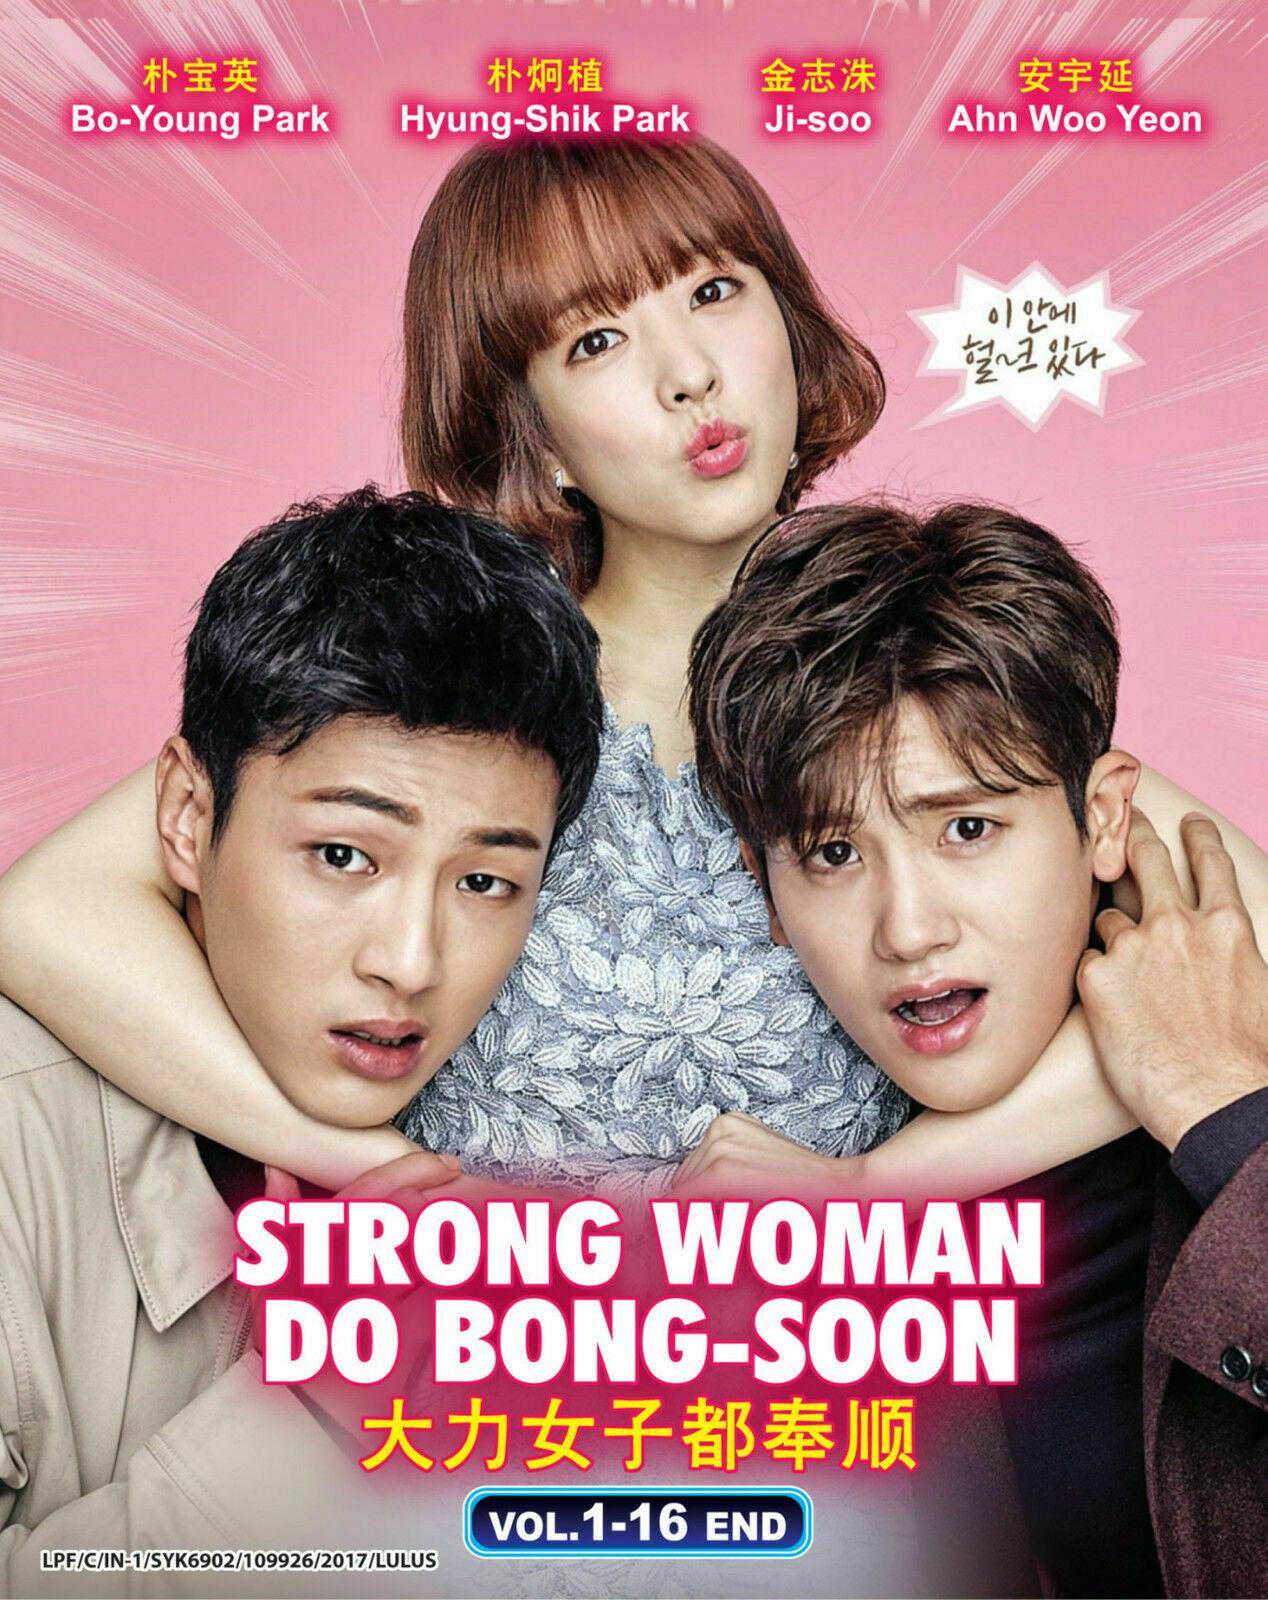 Korean Drama Strong Woman Do Bong Soon Korean TV Dvd English Sub Ship From USA